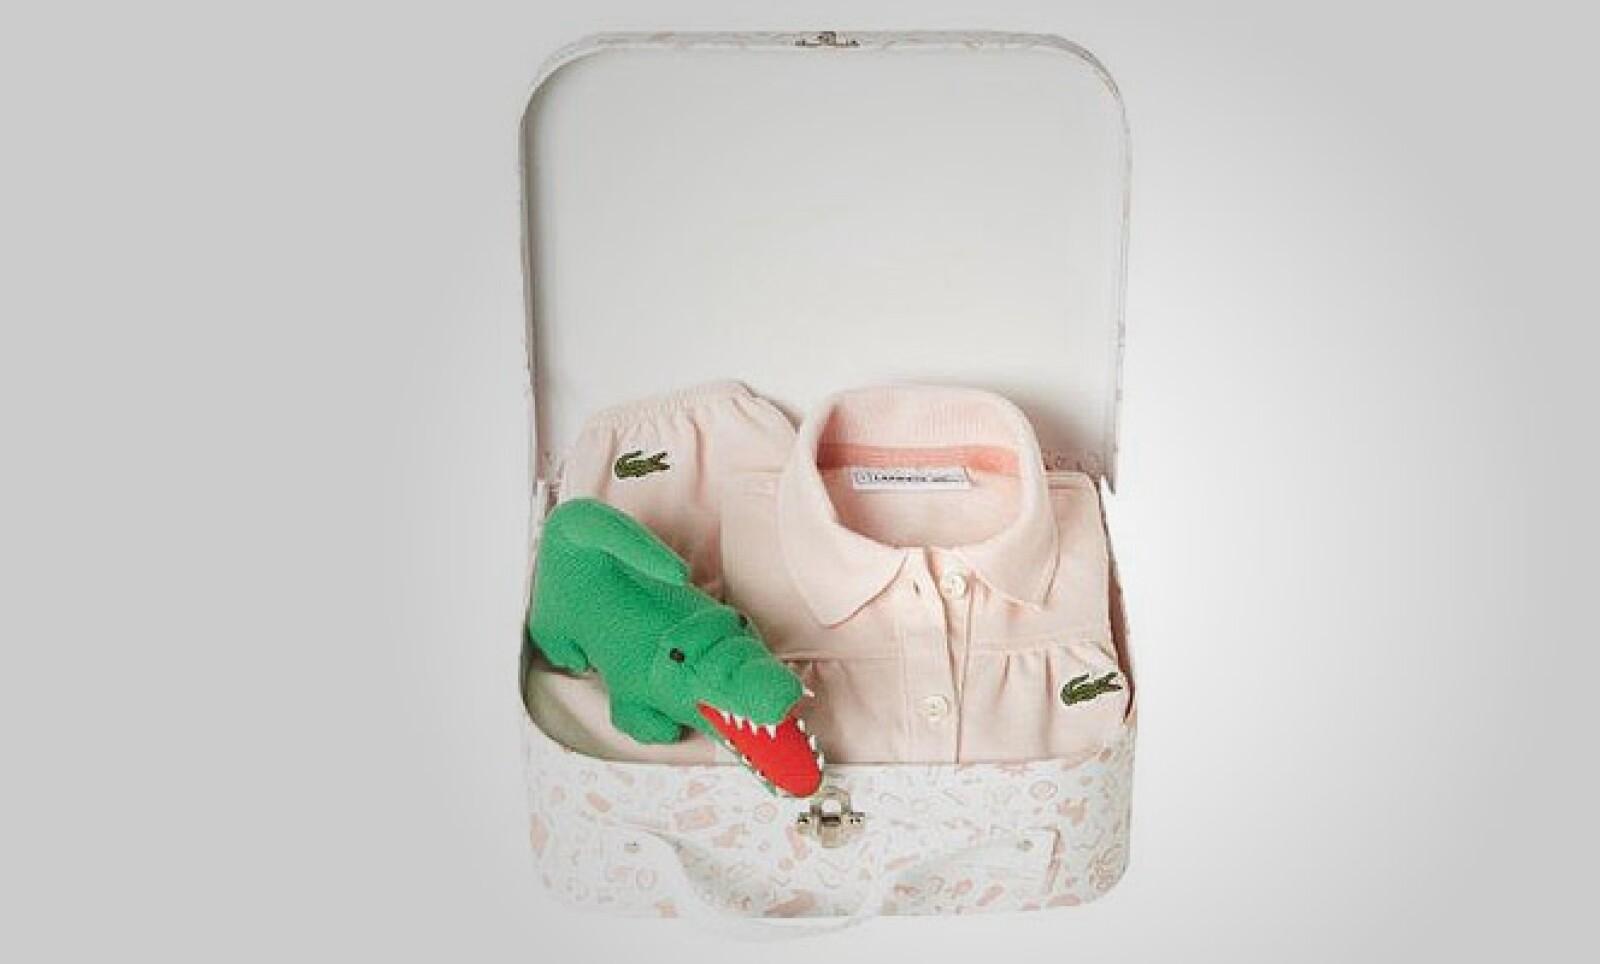 El paquete para niñas también contiene el tradicional cocodrilo de la marca en peluche.